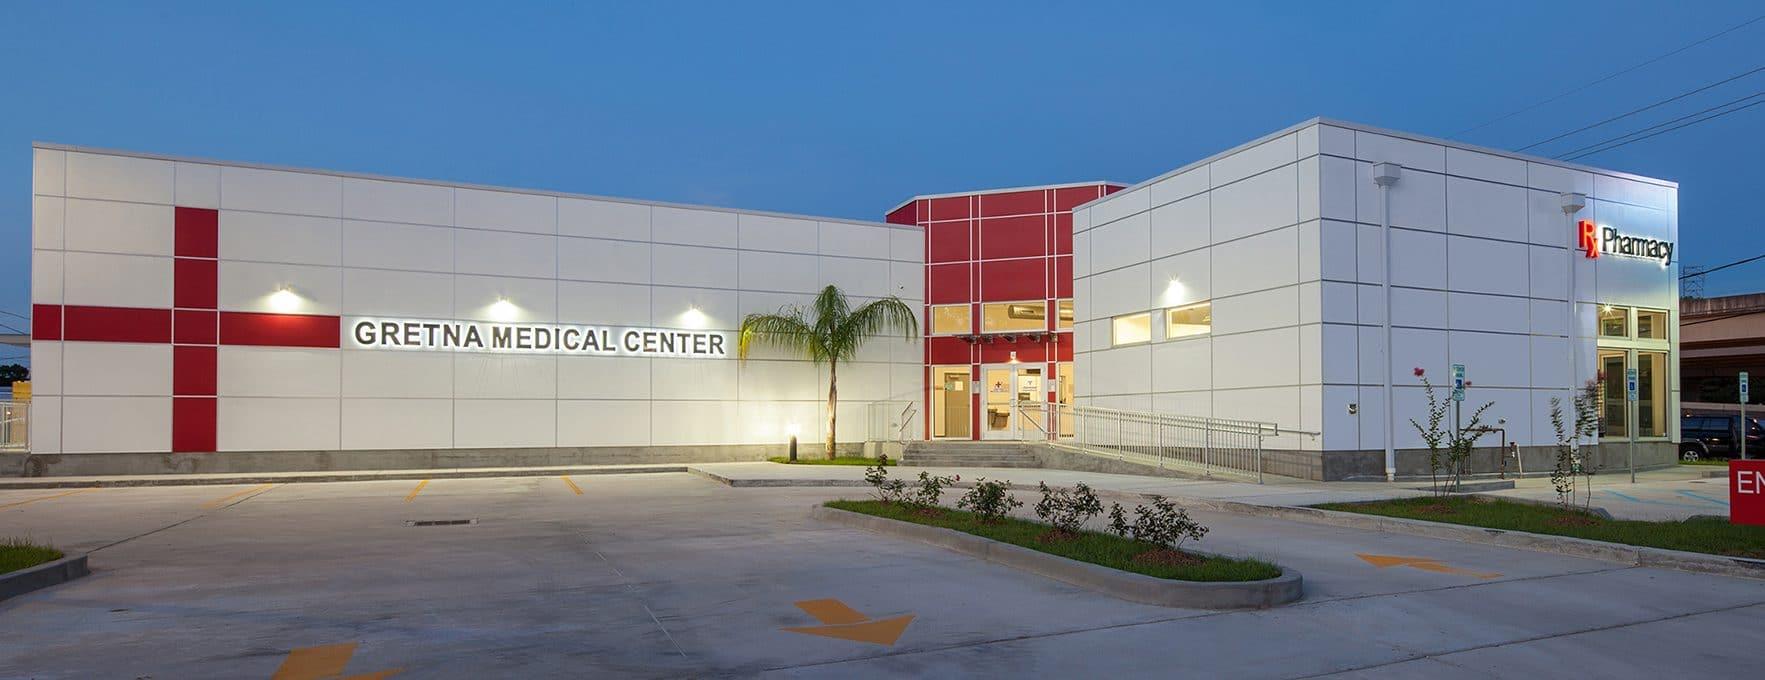 Gretna Medical Center